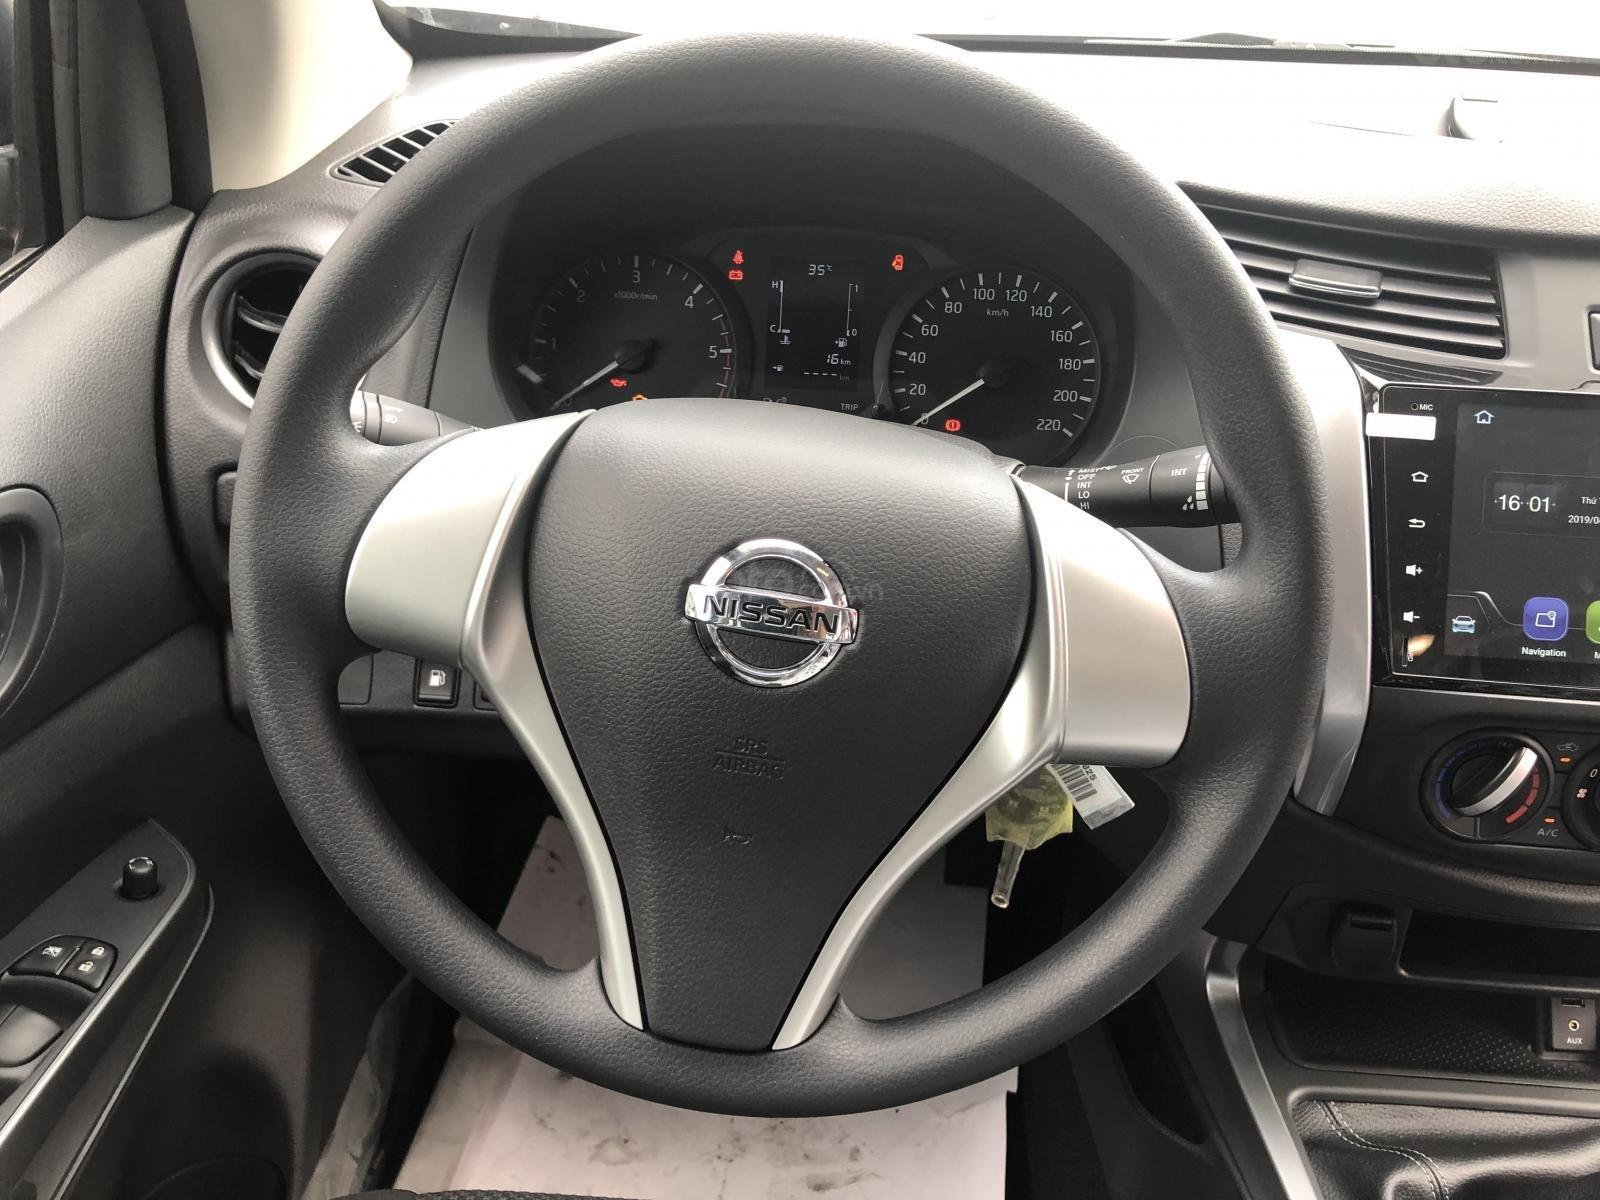 Cần bán Nissan Terra S sản xuất 2019, CTKM hấp dẫn, giao xe ngày, LH 0964218528-5